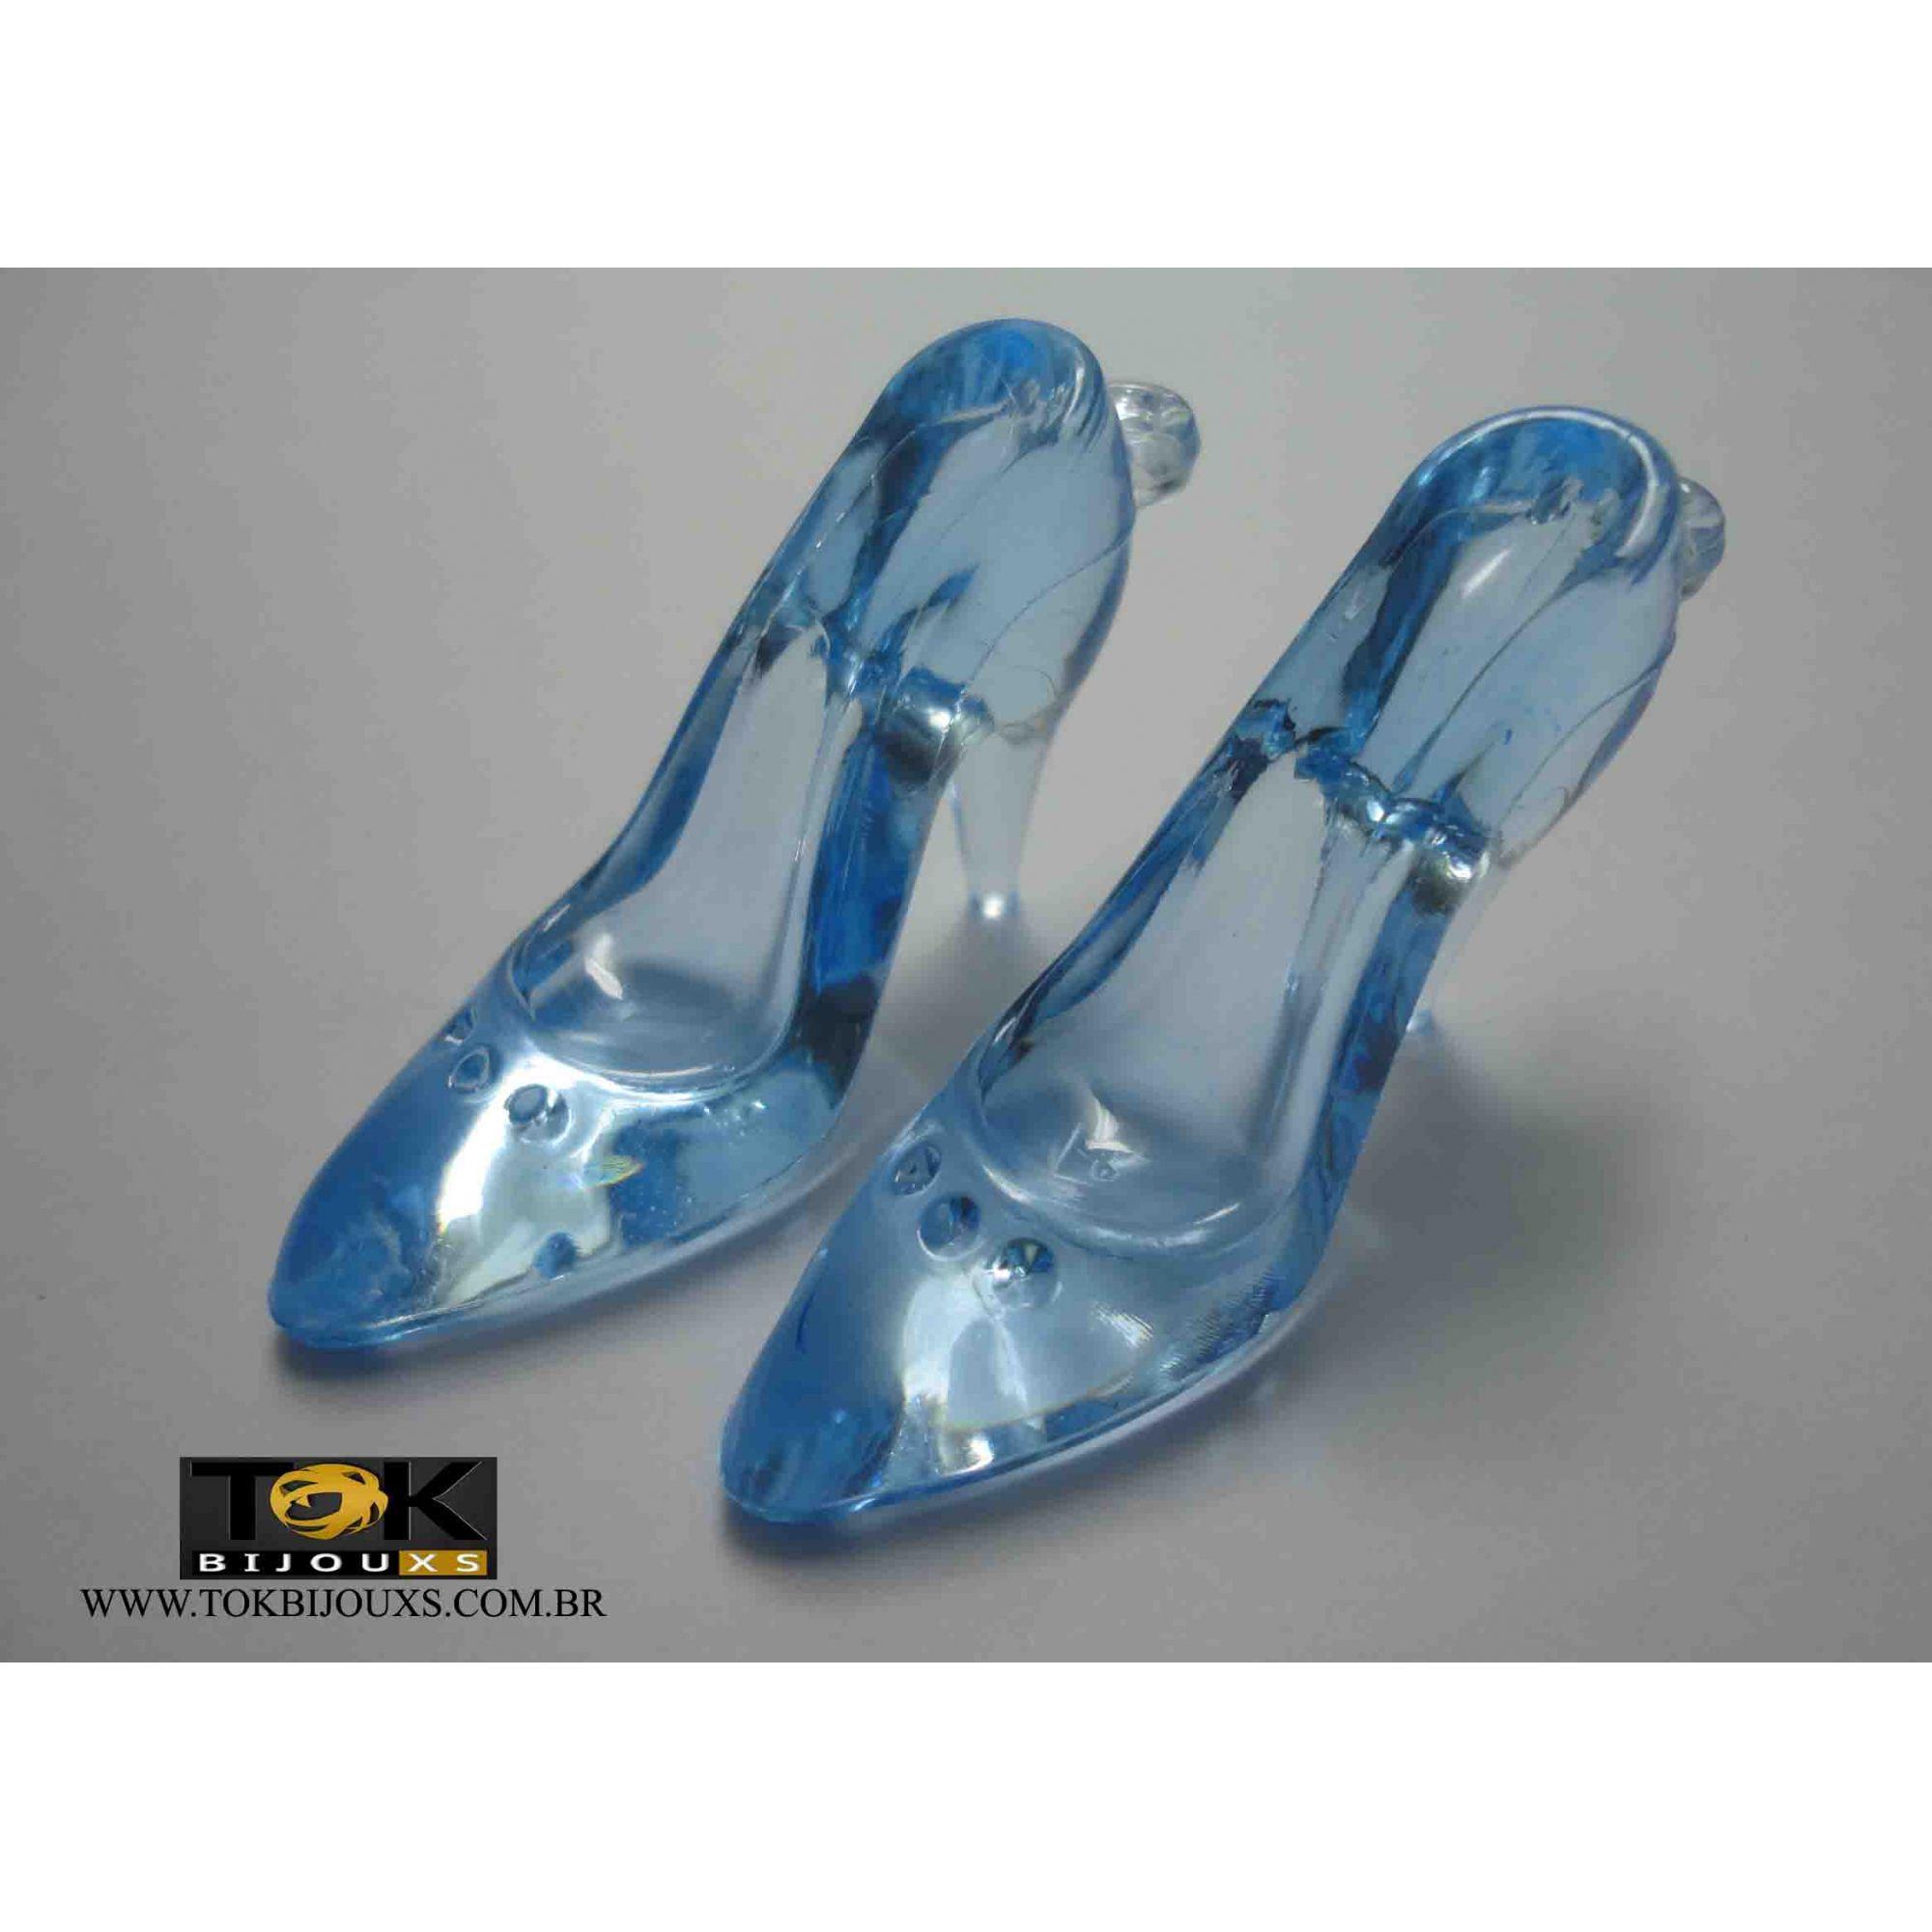 Atacado - Sapato Acrílico Grande - Azul Bebe - 500g